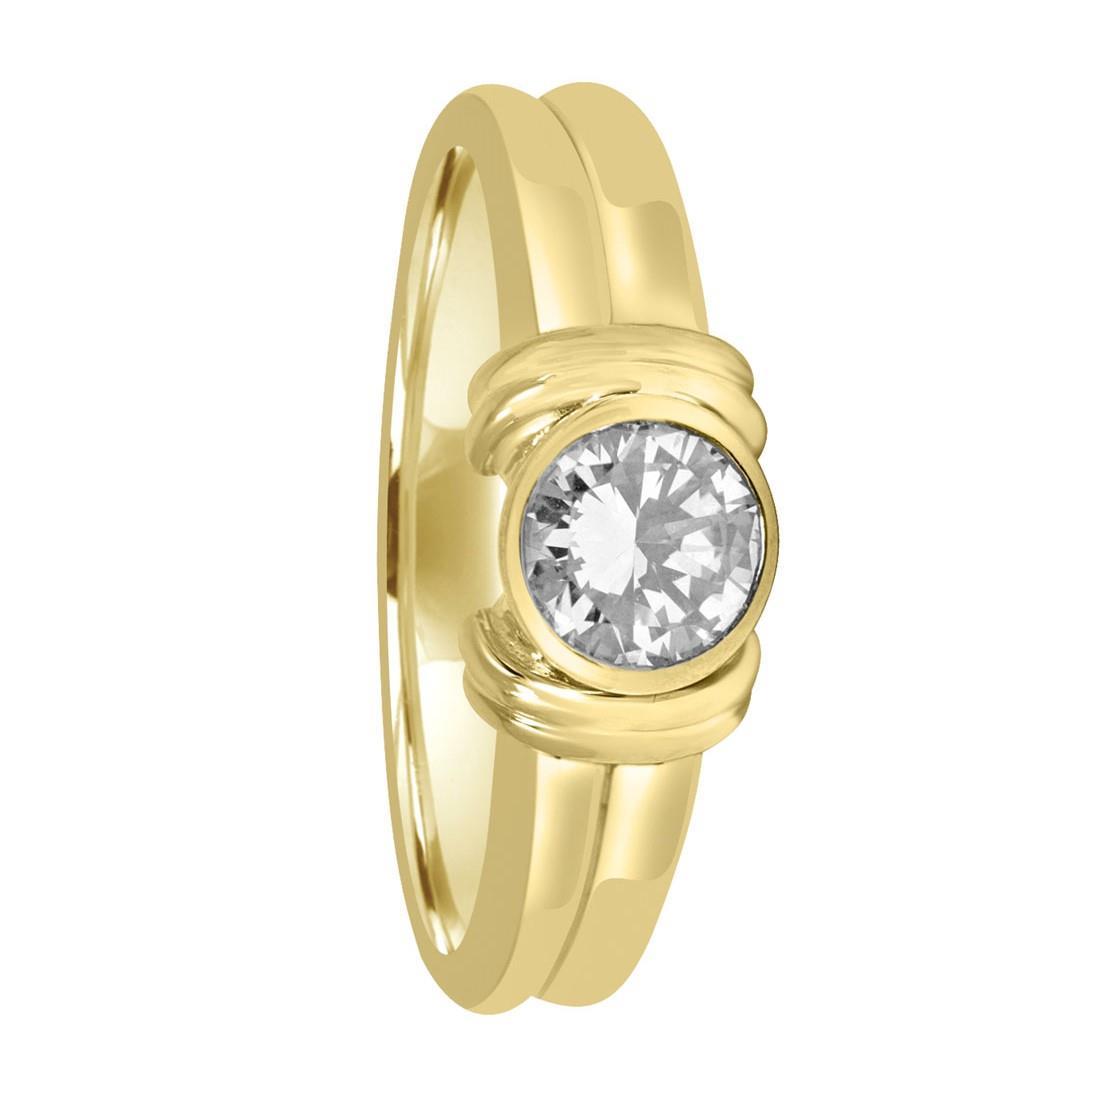 Anello solitario in oro giallo con diamante ct 0,50 - ALFIERI ST JOHN